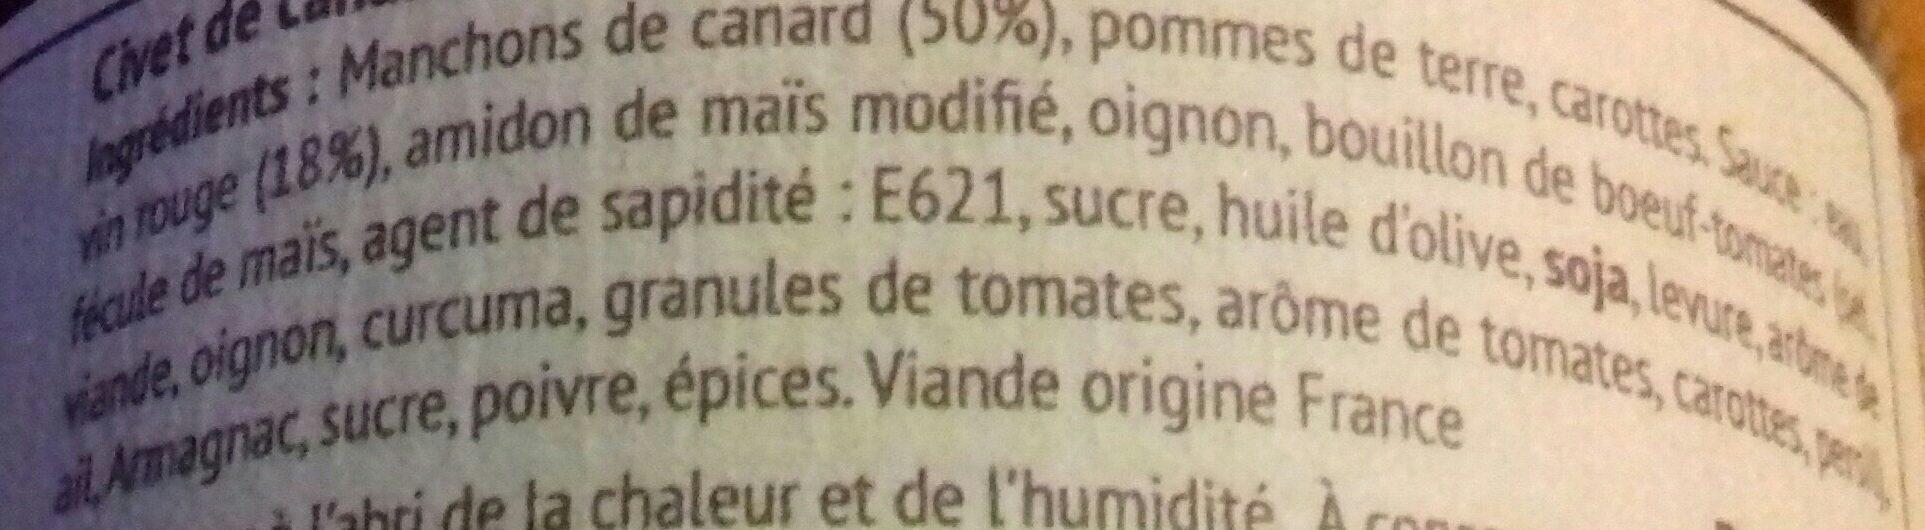 Civet de canard - Ingrediënten - fr